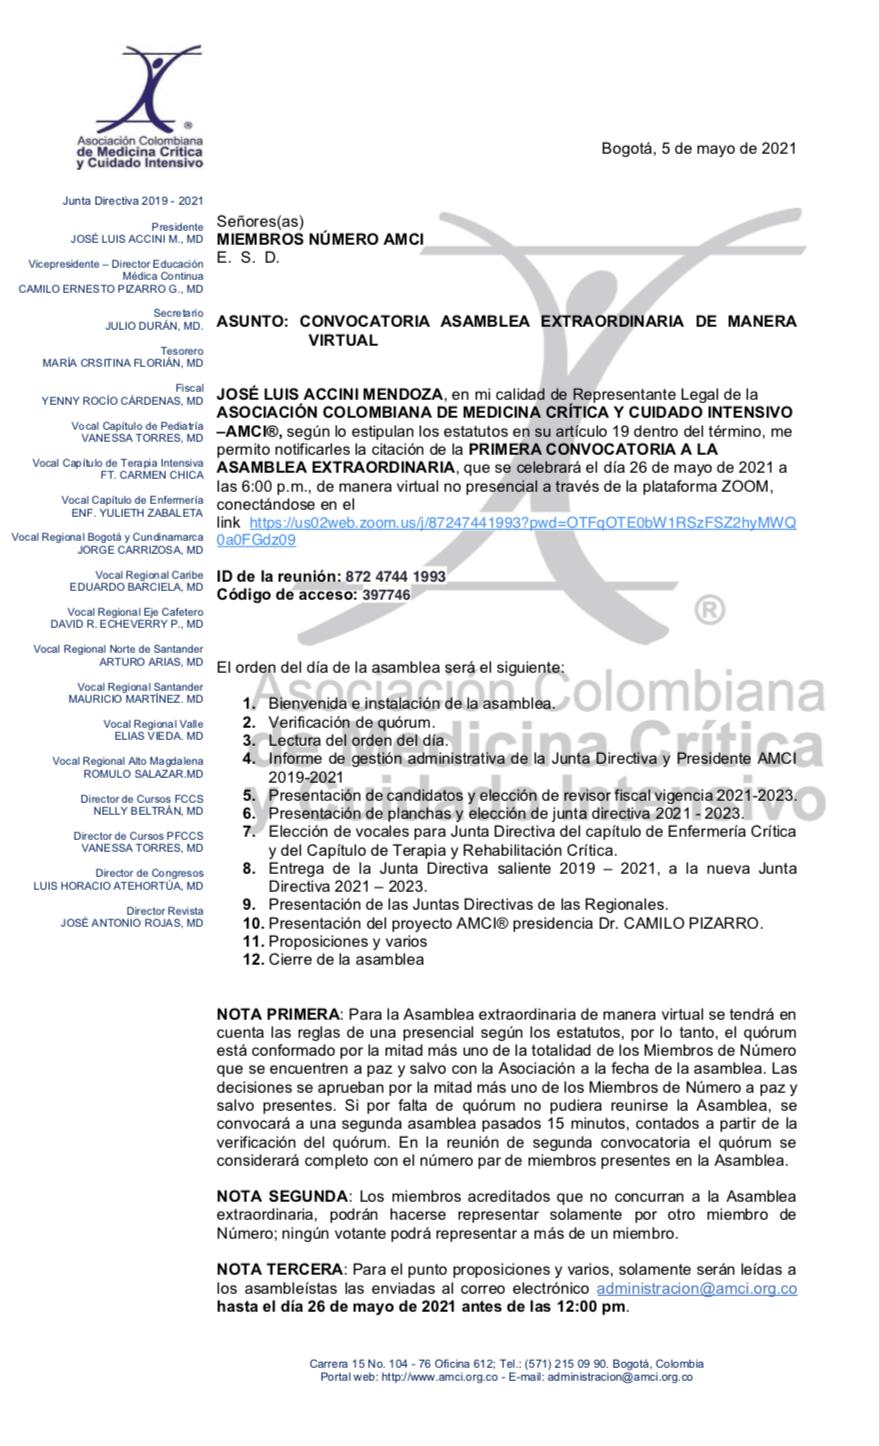 CONVOCATORIA ASAMBLEA EXTRAORDINARIA AMCI DE MANERA VIRTUAL - 26 de mayo 2021 - 18:00Hrs